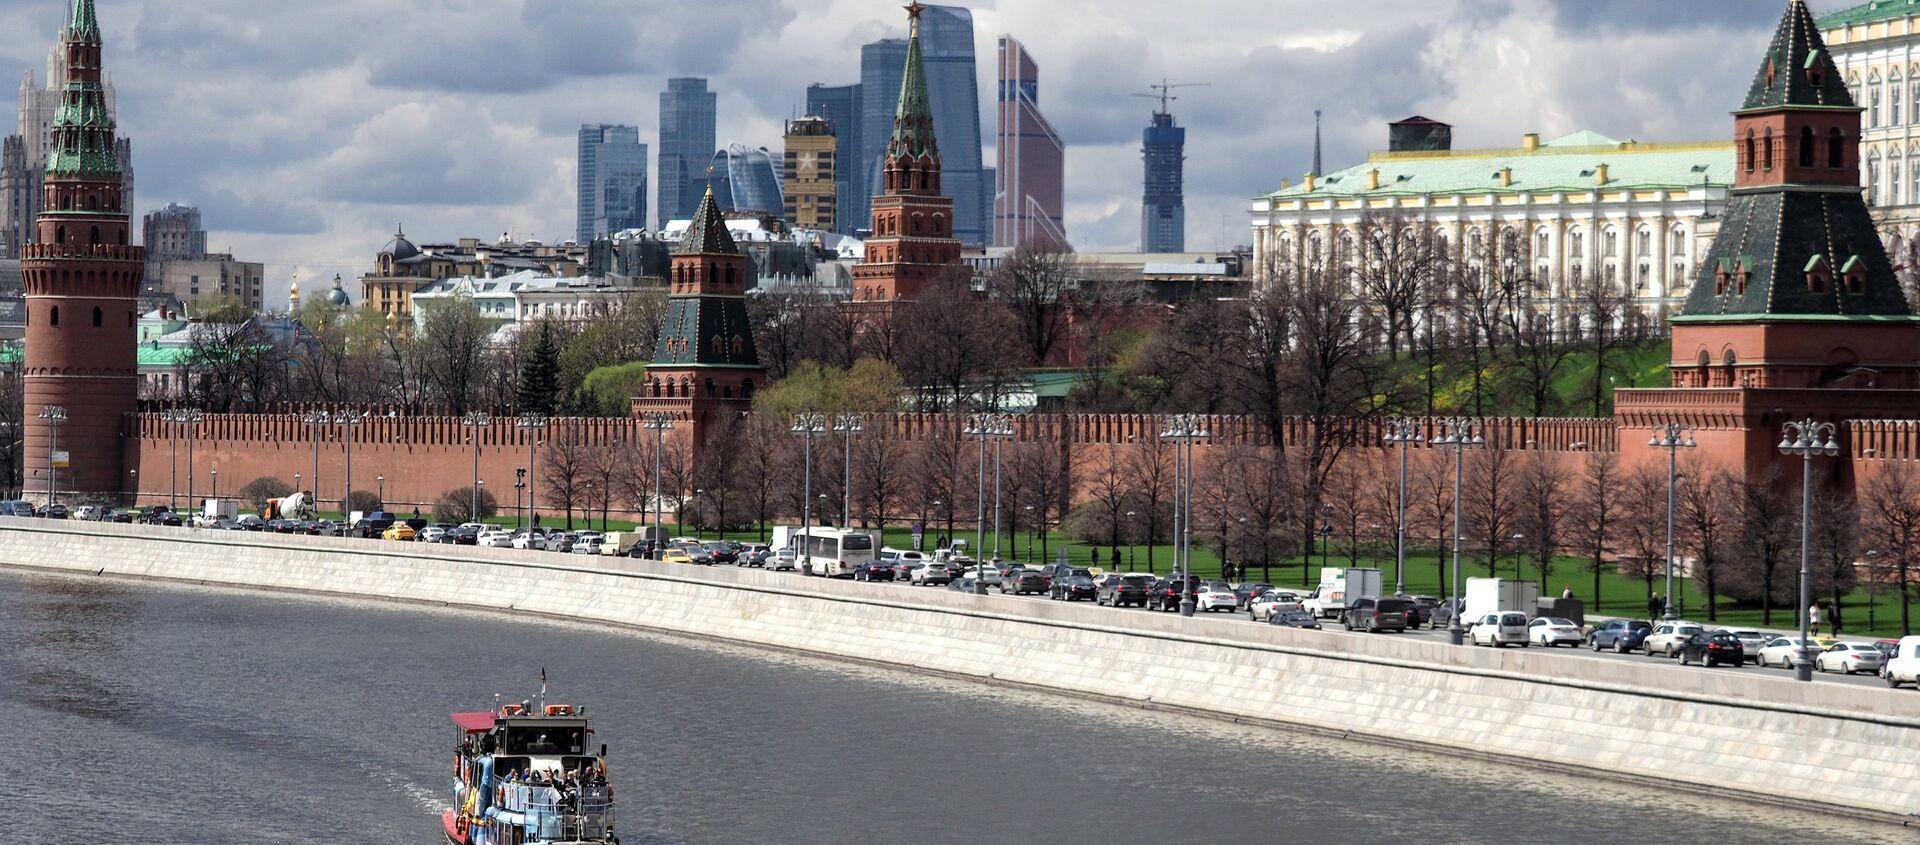 Battello turistico sulla Moscova di fronte al Cremlino - Sputnik Italia, 1920, 20.03.2021